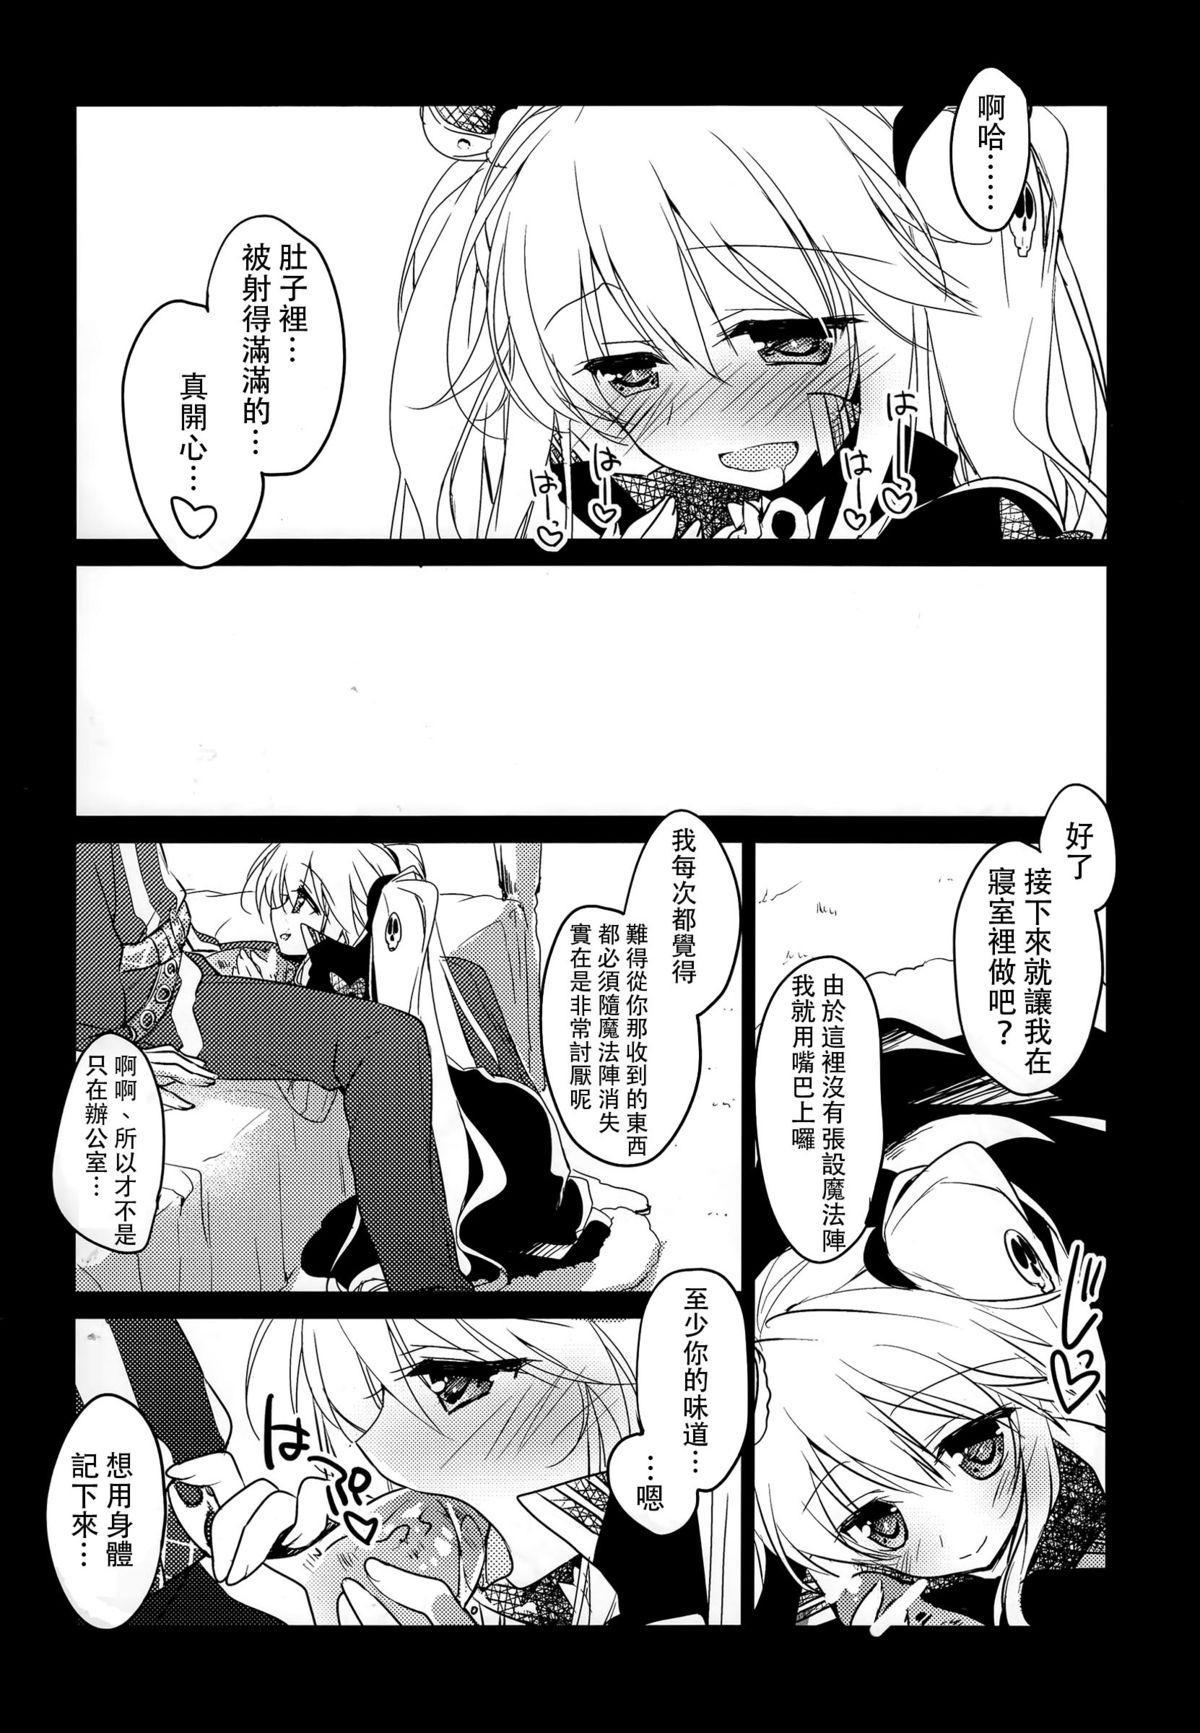 Yoru no Soko kara 14